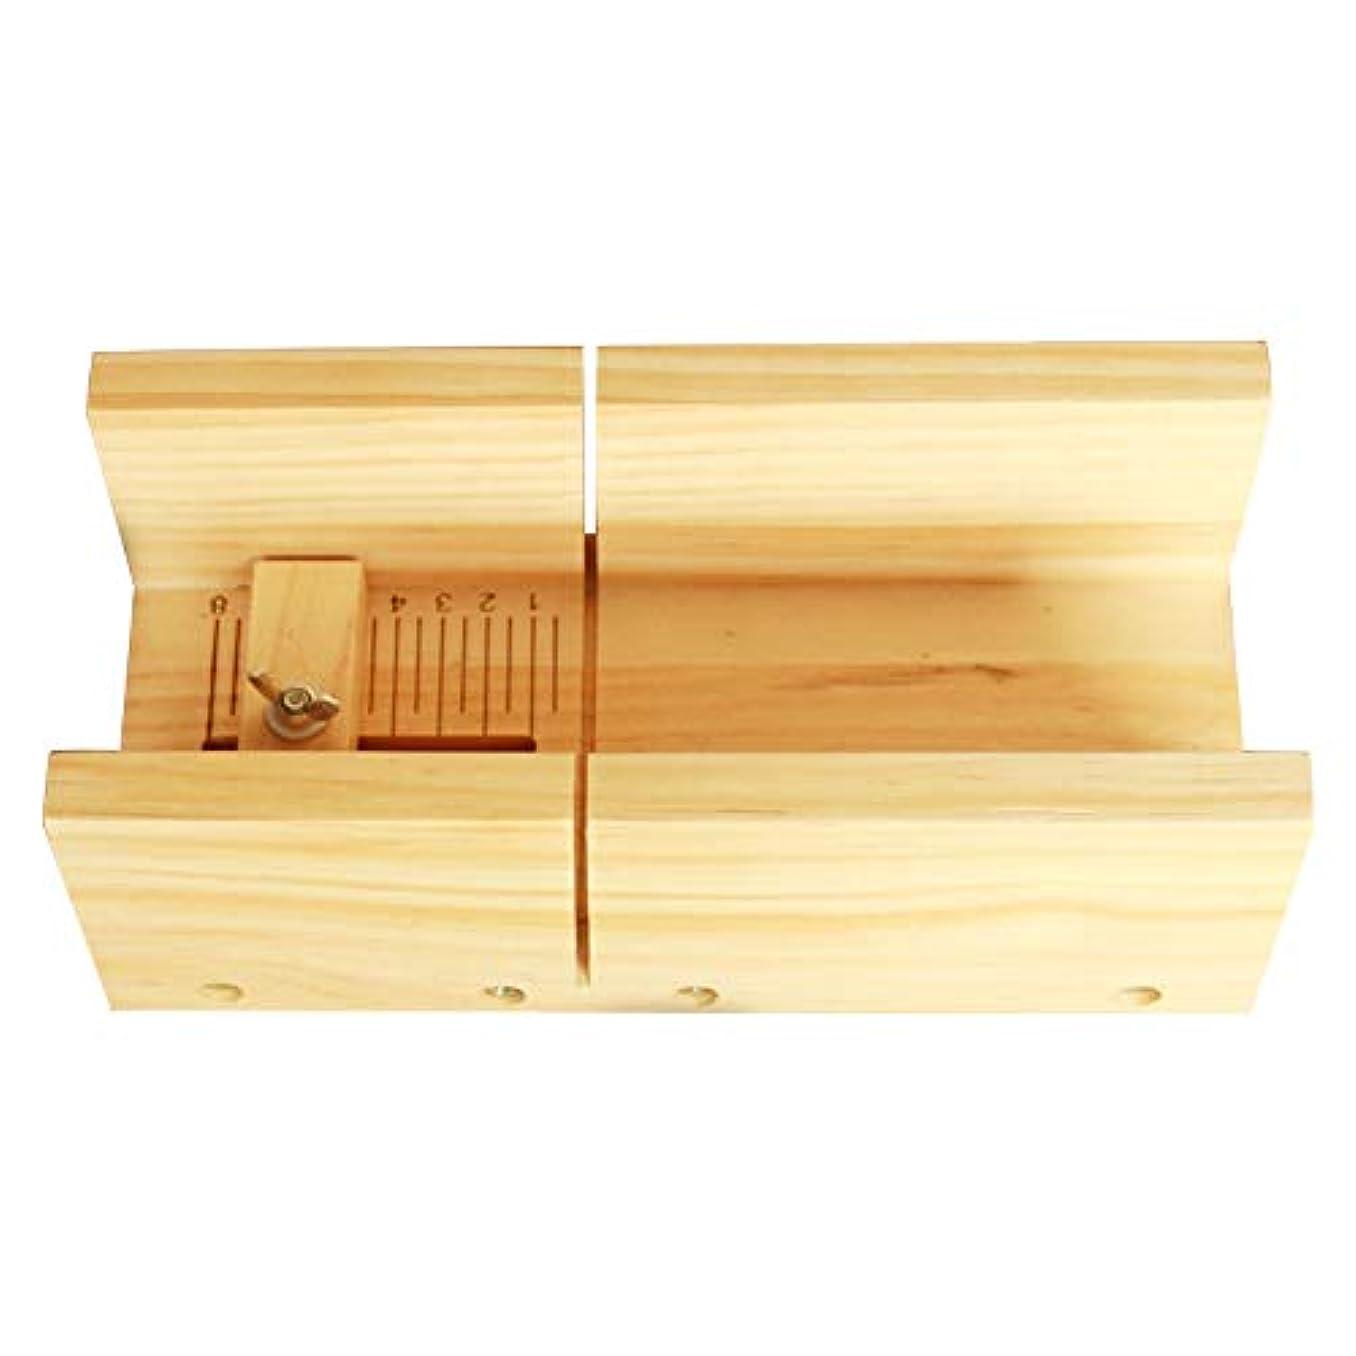 またはどちらか人道的ウッズソープカッター、多機能ソープカッターキャンドルケーキチョコレートカッティングツール木製ボックス器具キャンドルスケール用DIYクラフトを作る